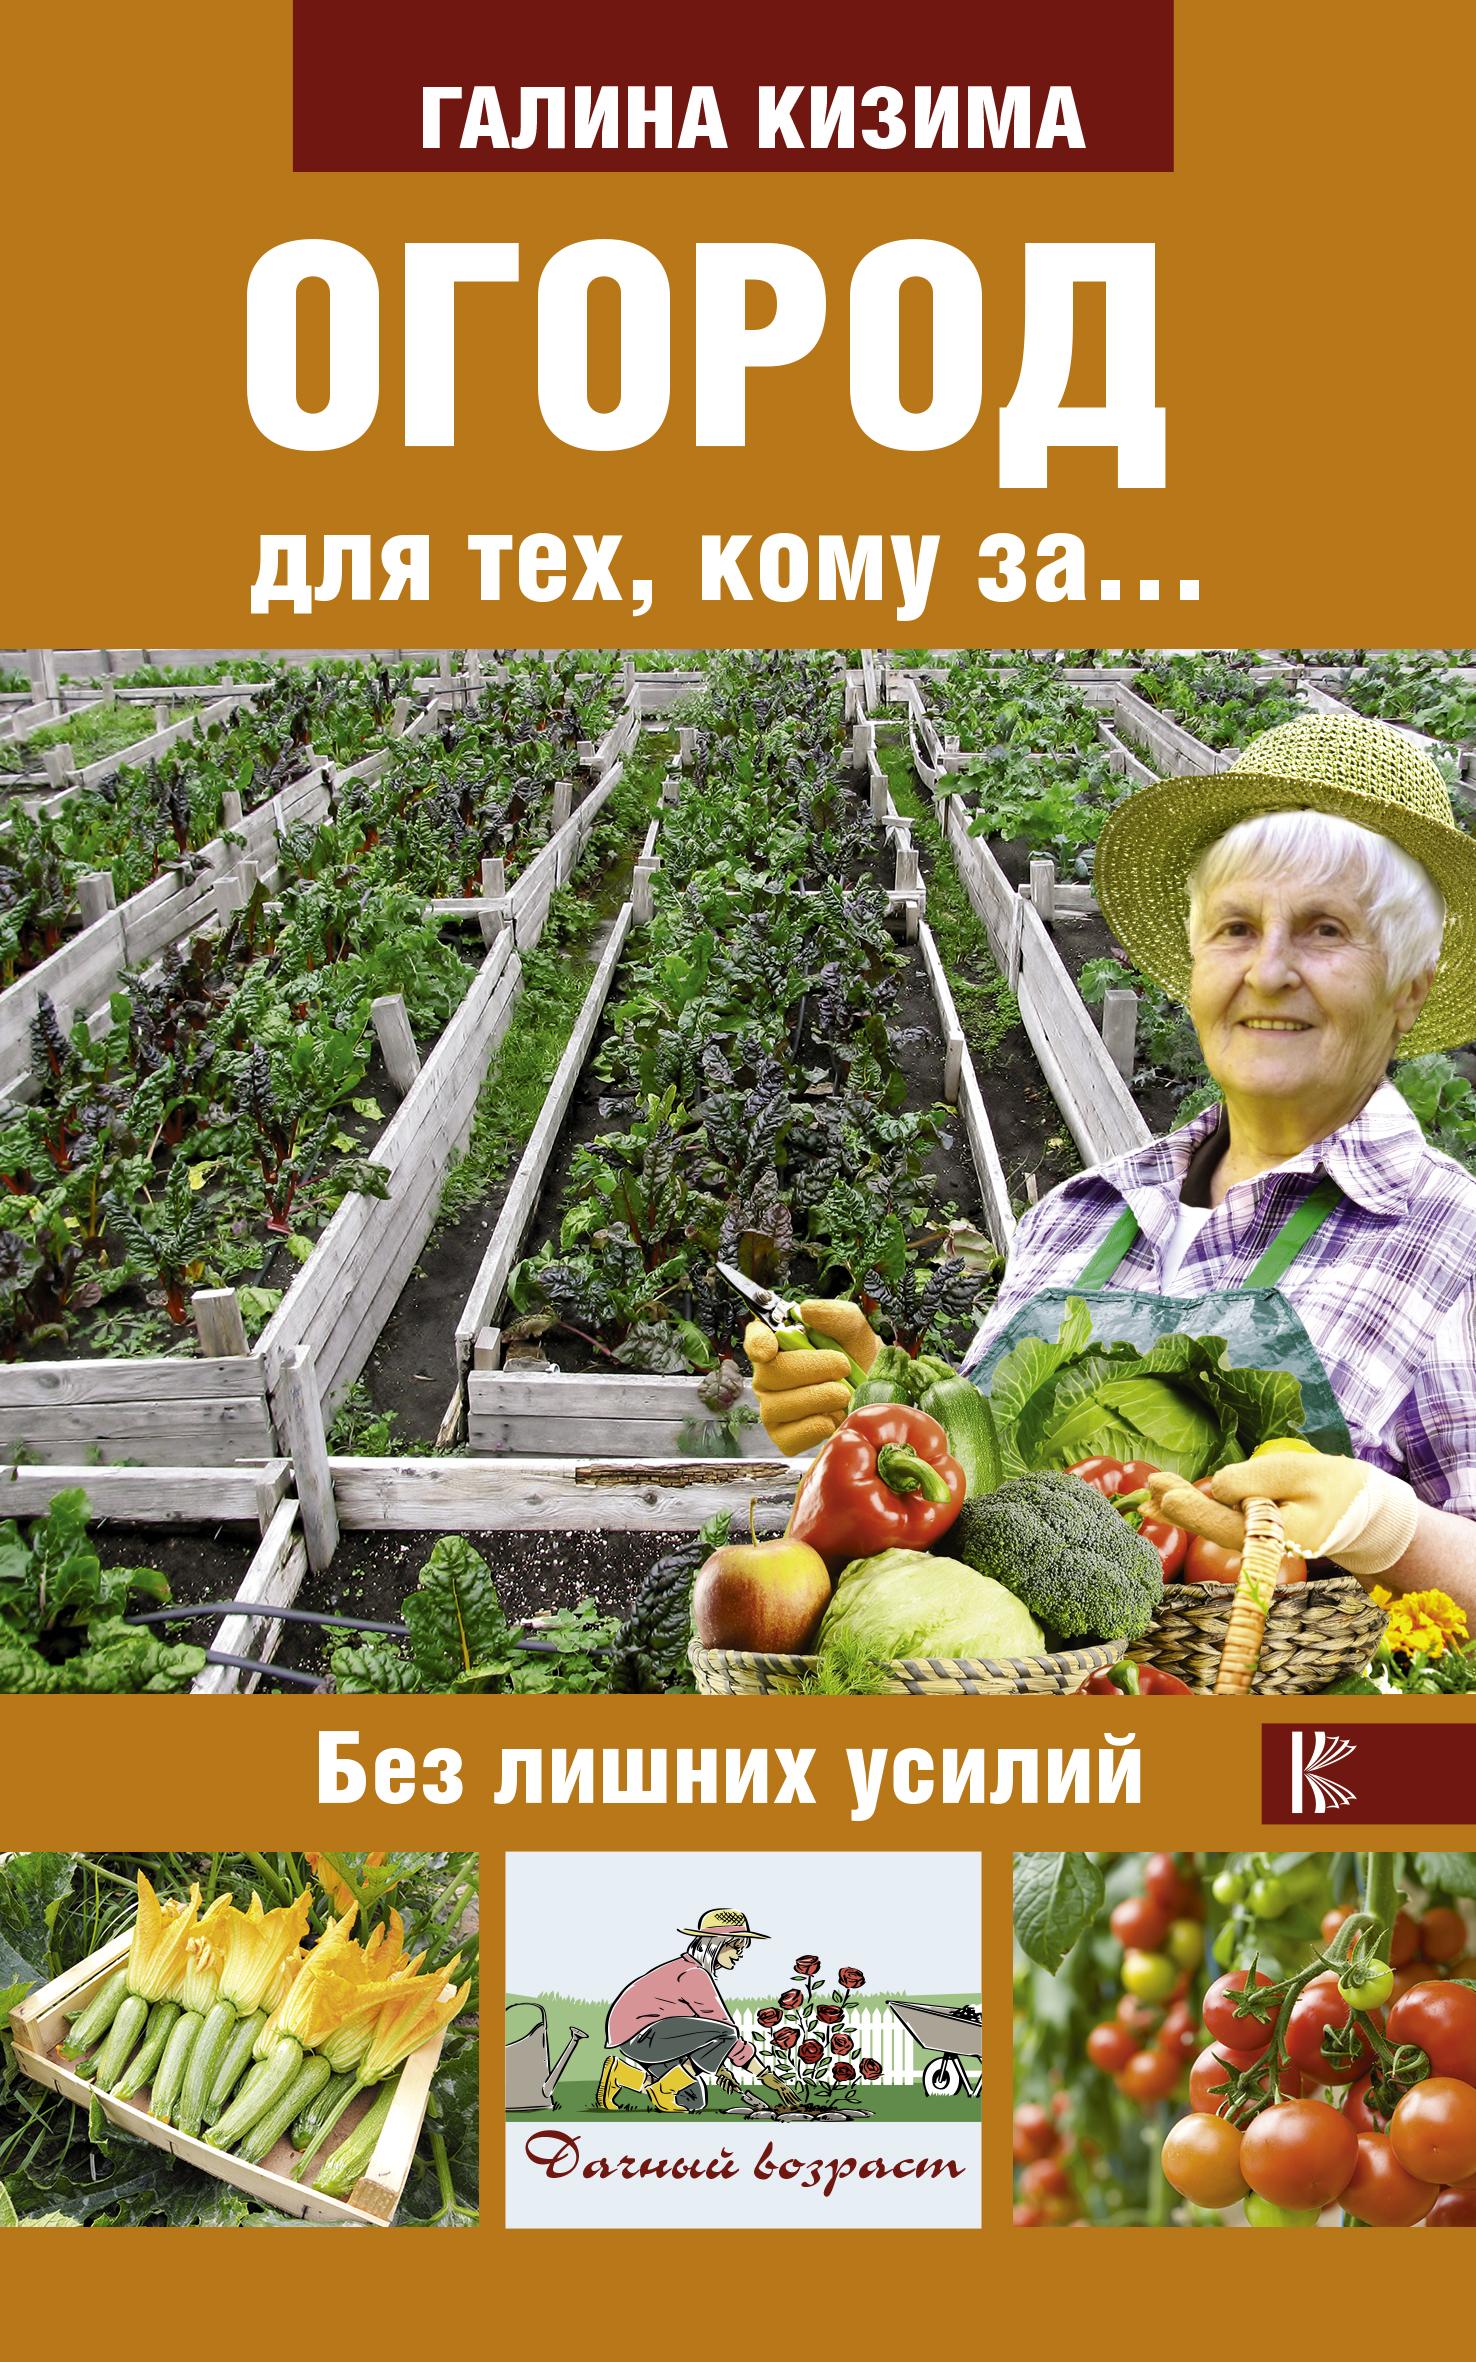 Галина Кизима Огород для тех, кому за... без лишних усилий компьютер для пенсионеров книга